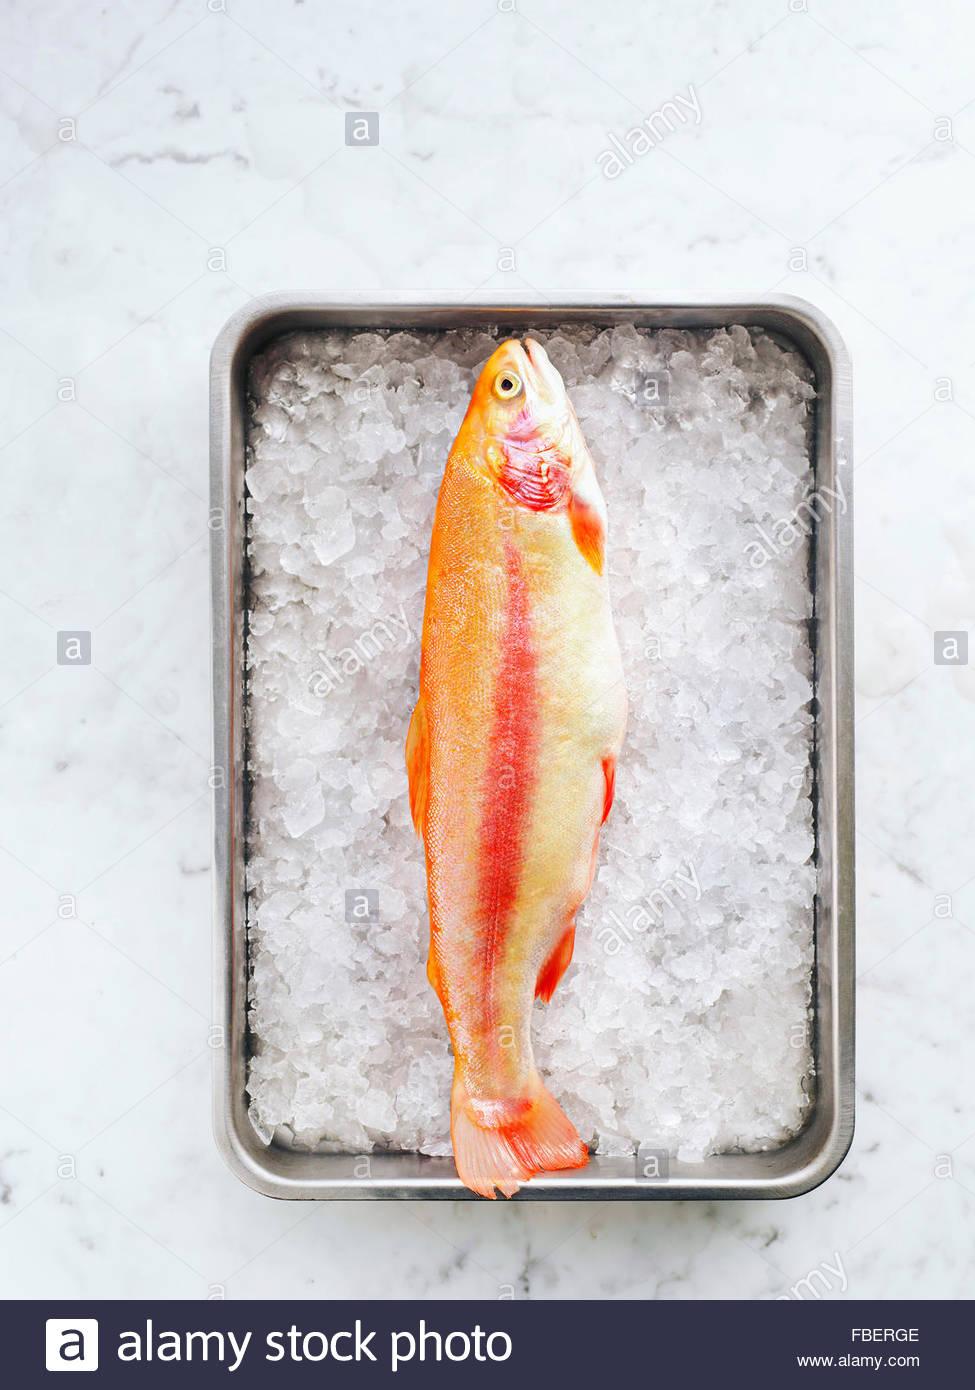 La truite arc-en-ciel d'or dans une casserole avec de la glace sur la table de marbre Photo Stock